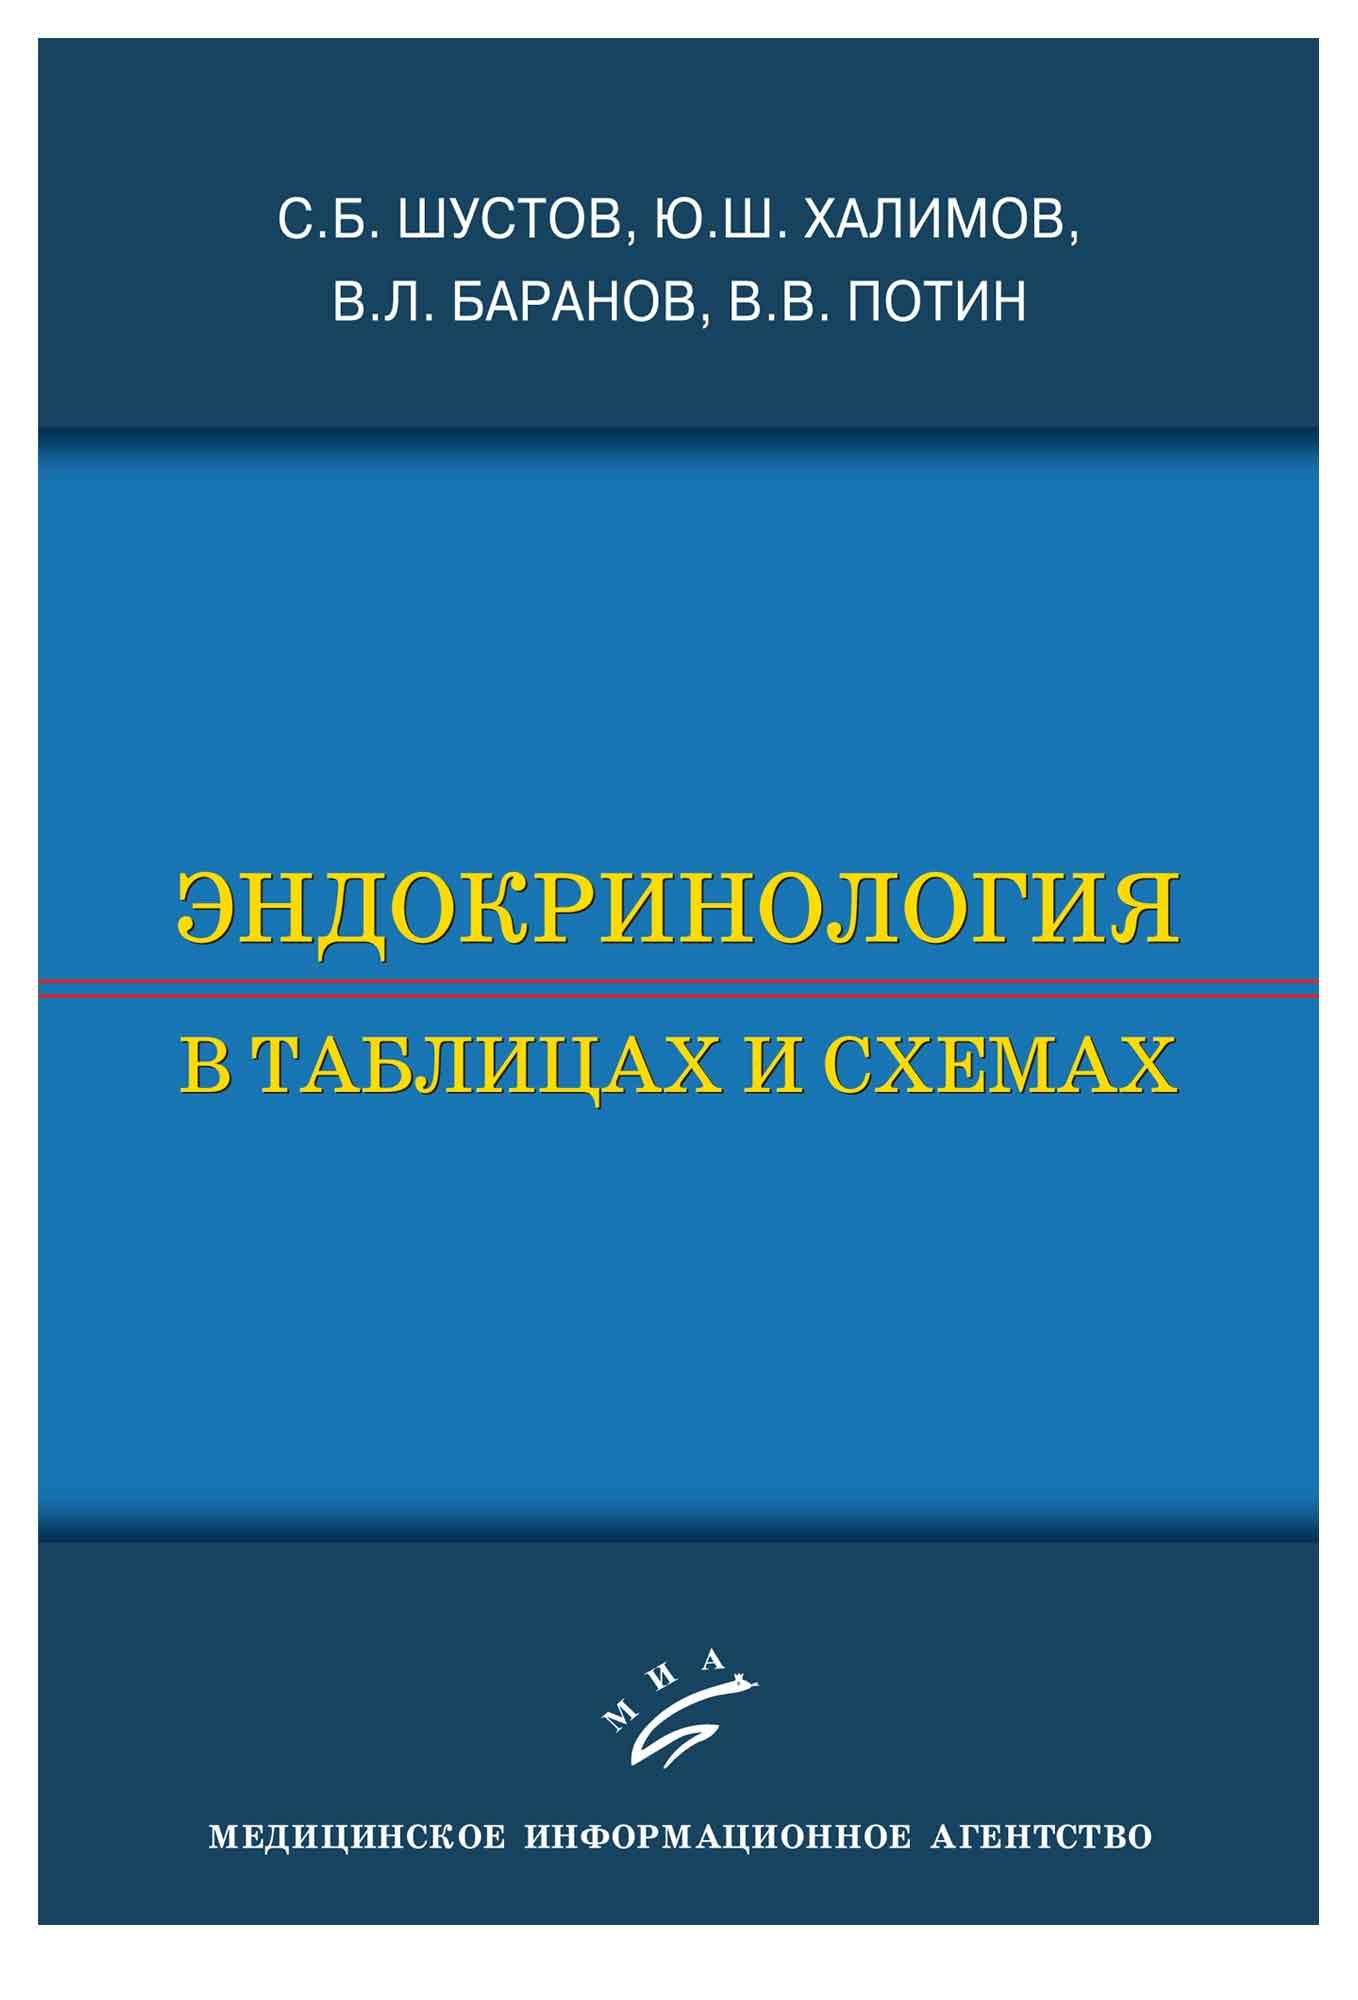 Дедов, Иван Иванович Википедия 57